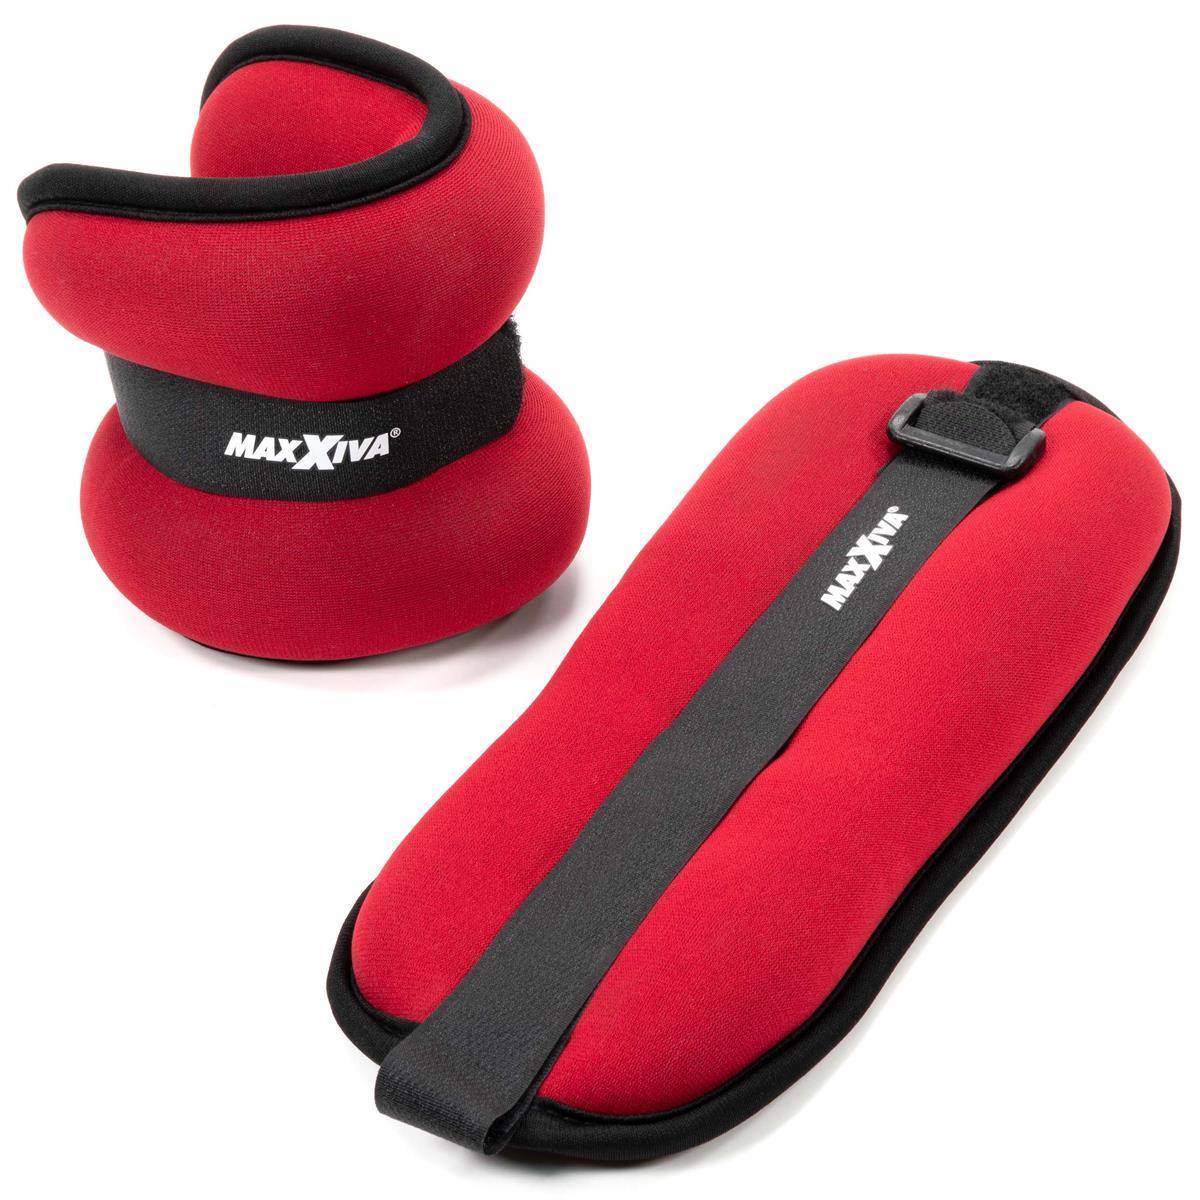 MAXXIVA Laufgewicht Set Rot 2 x 1,5 kg Arme Beine Gewichtsmanschetten